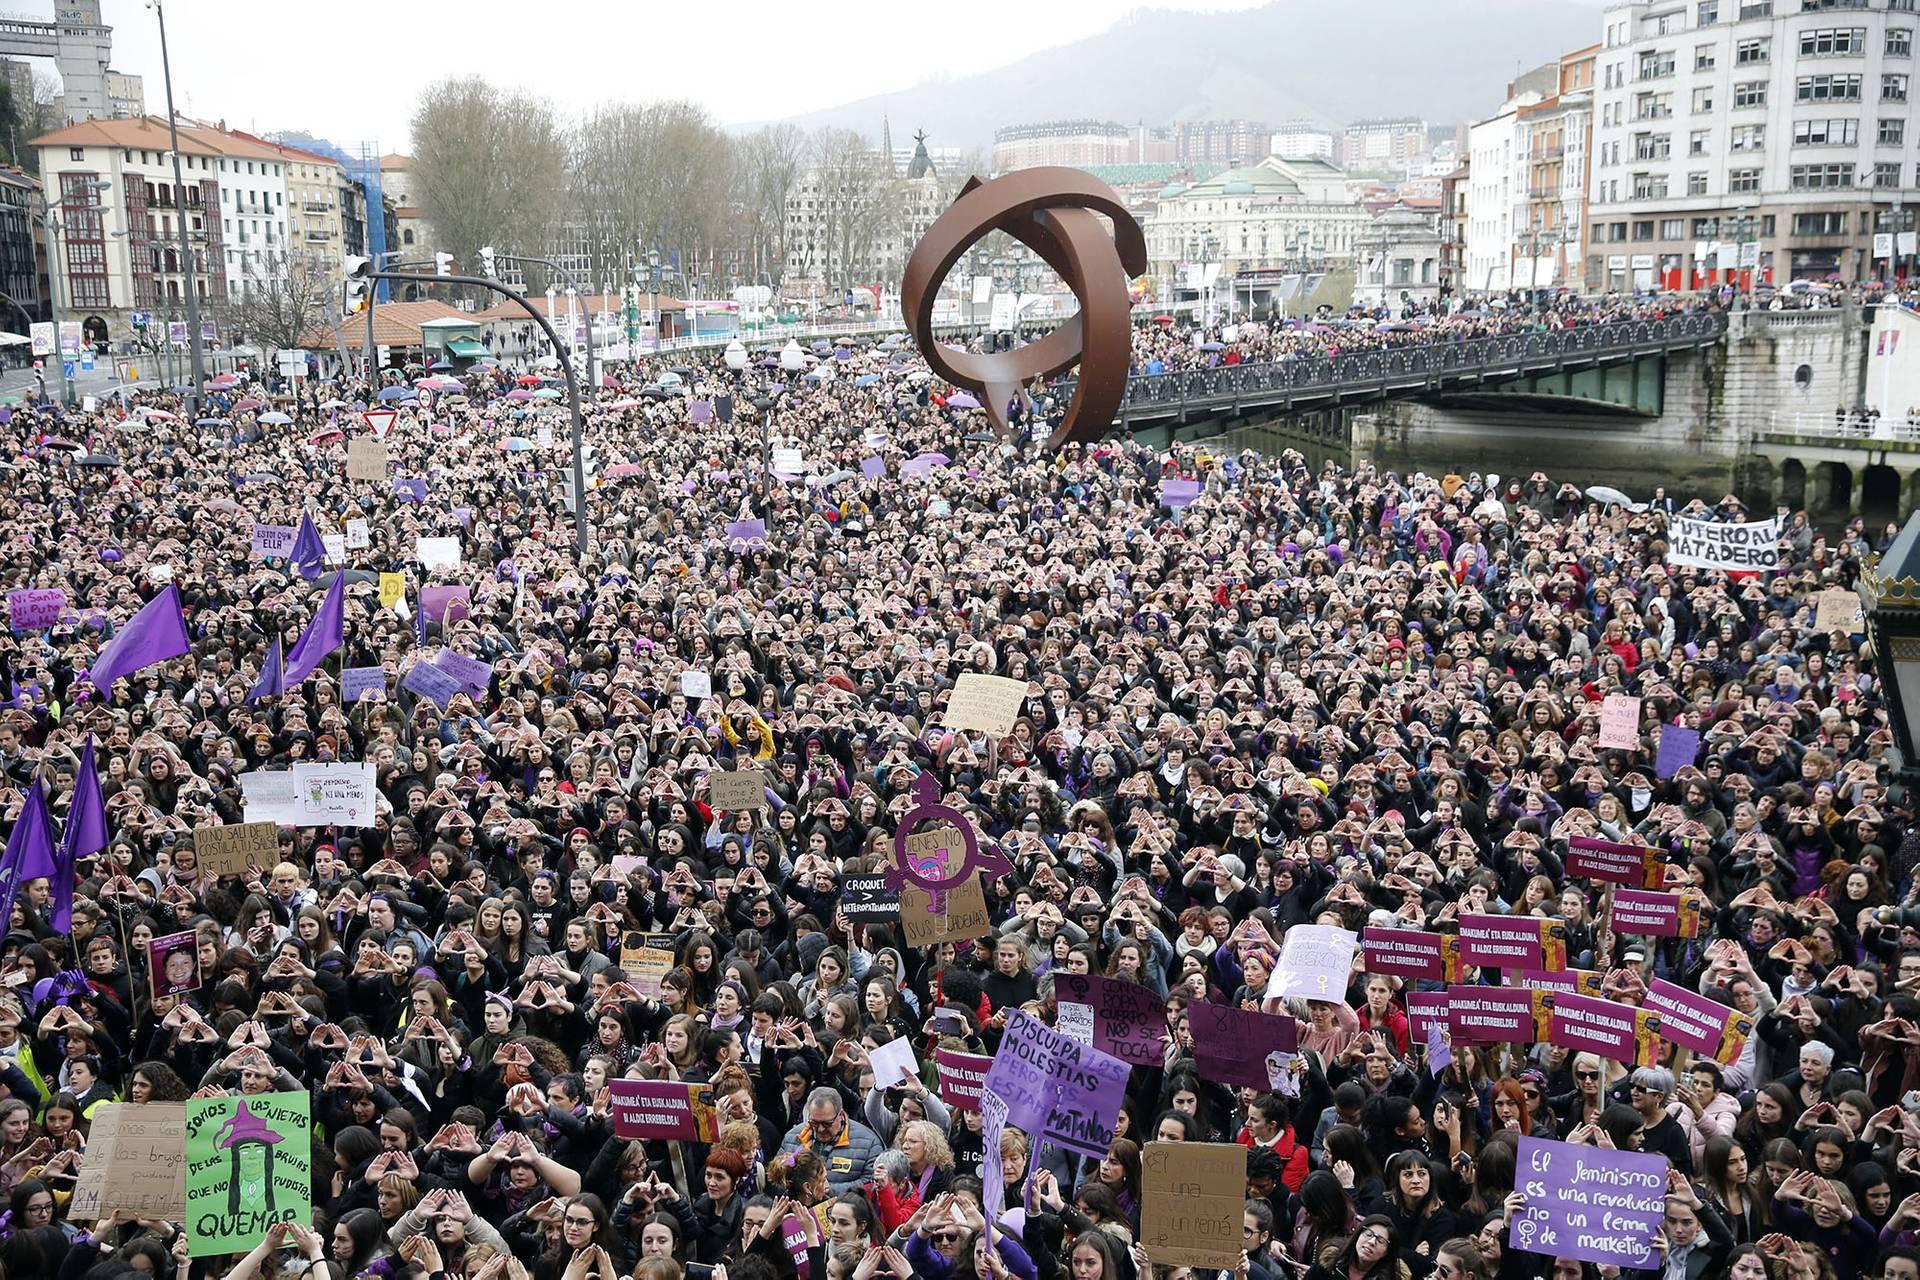 Тисячі людей взяли участь в мітингу з нагоди Міжнародного дня захисту прав жінок в Більбао, Північна Іспанія, 8 березня 2019 року